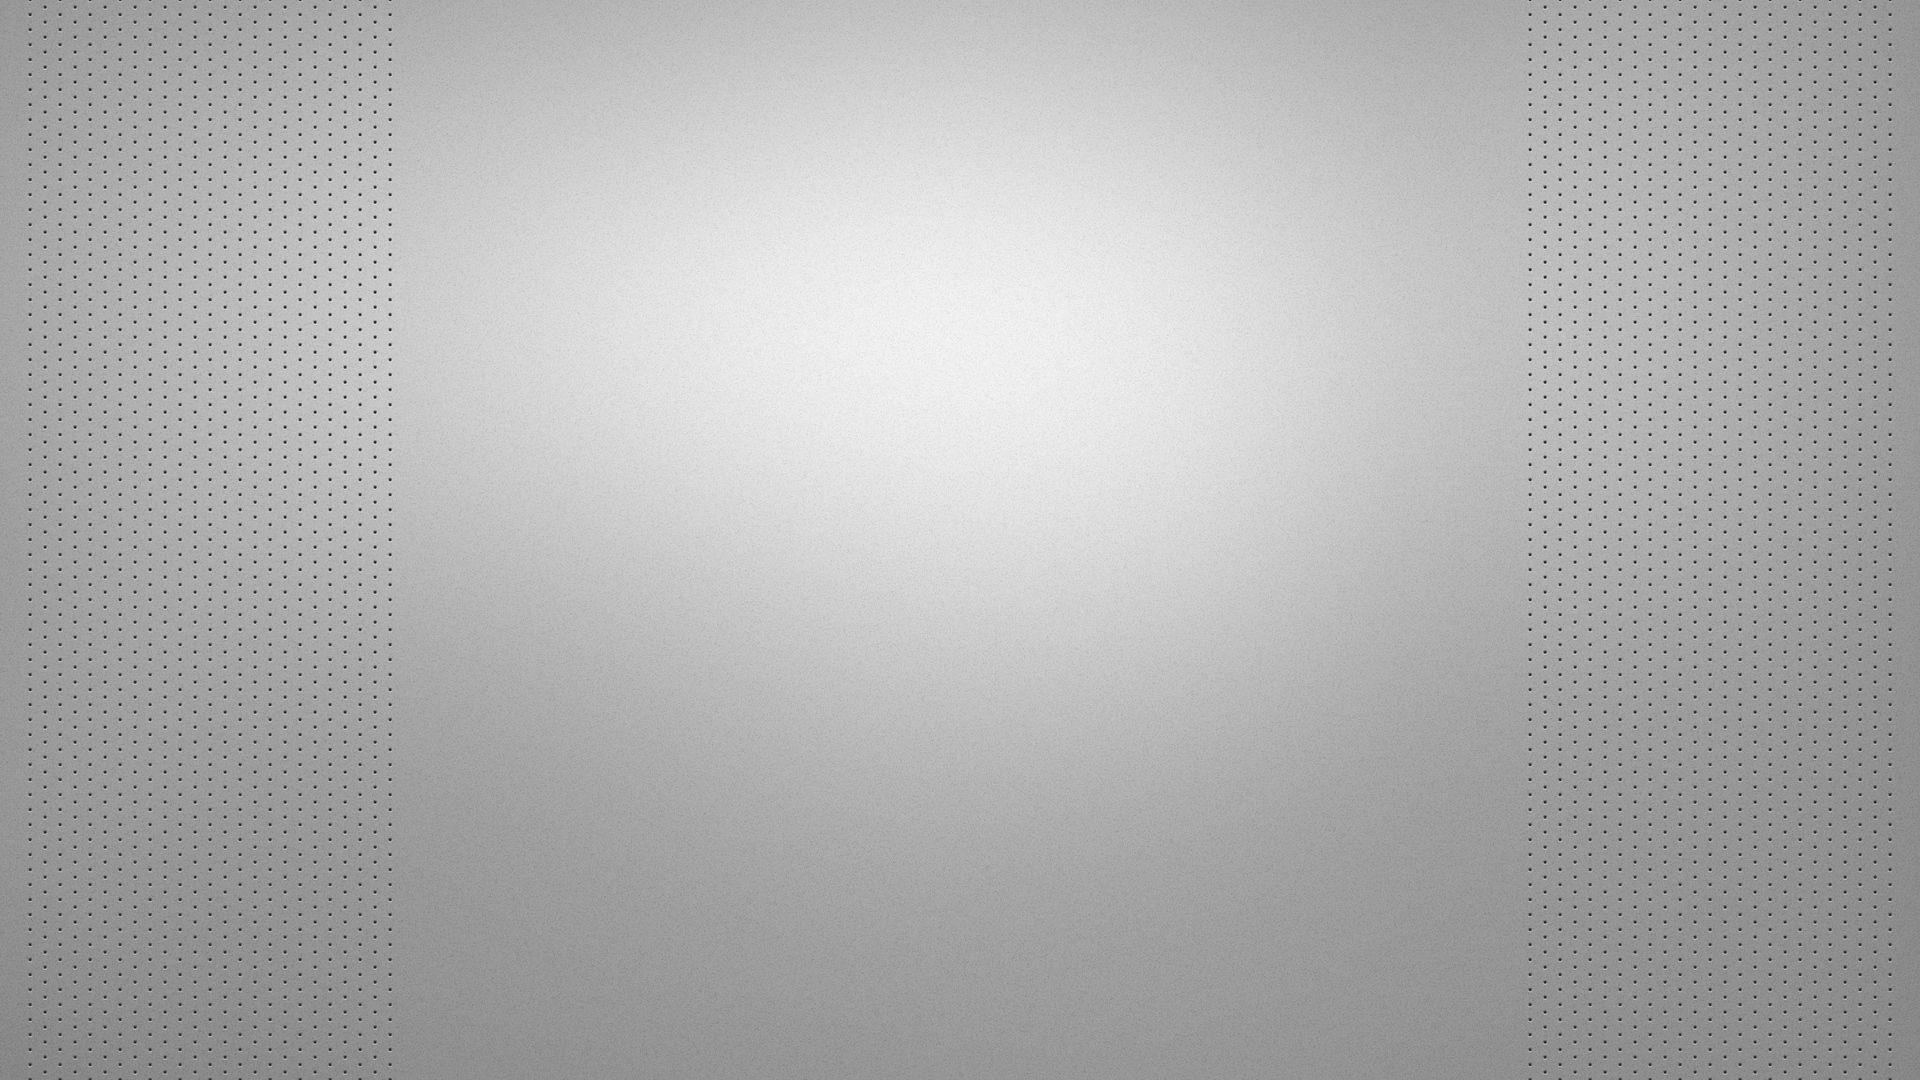 Light Grey computer wallpaper